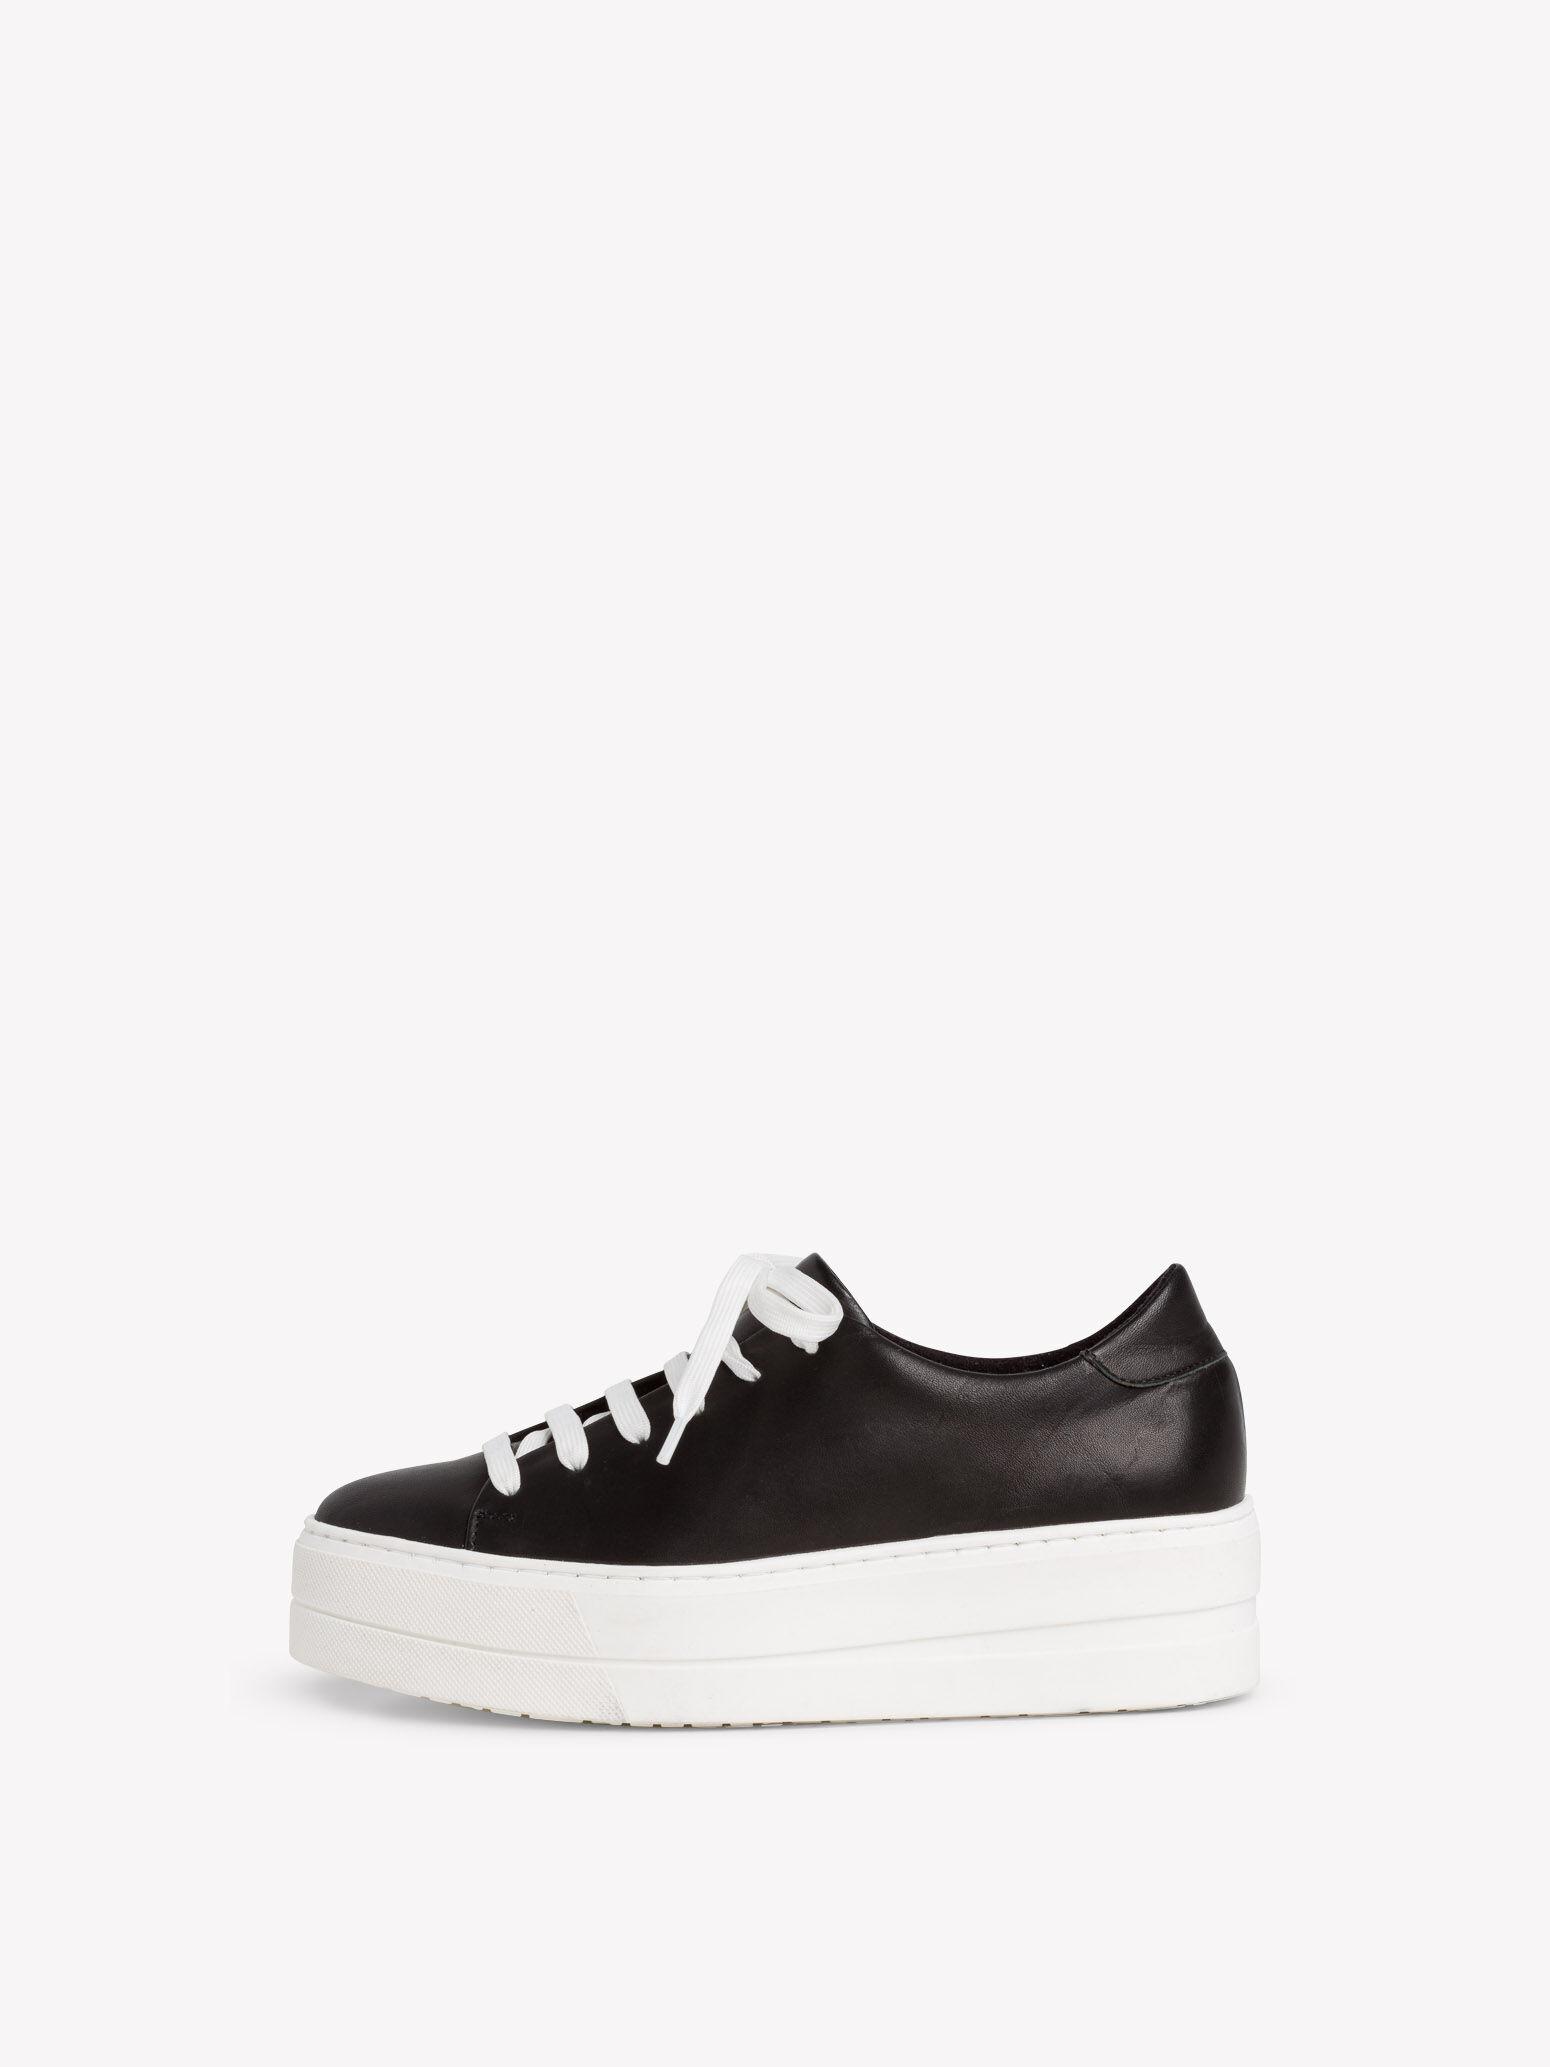 Tamaris Sneaker Damenschuhe Leder Schuhe Schnürer